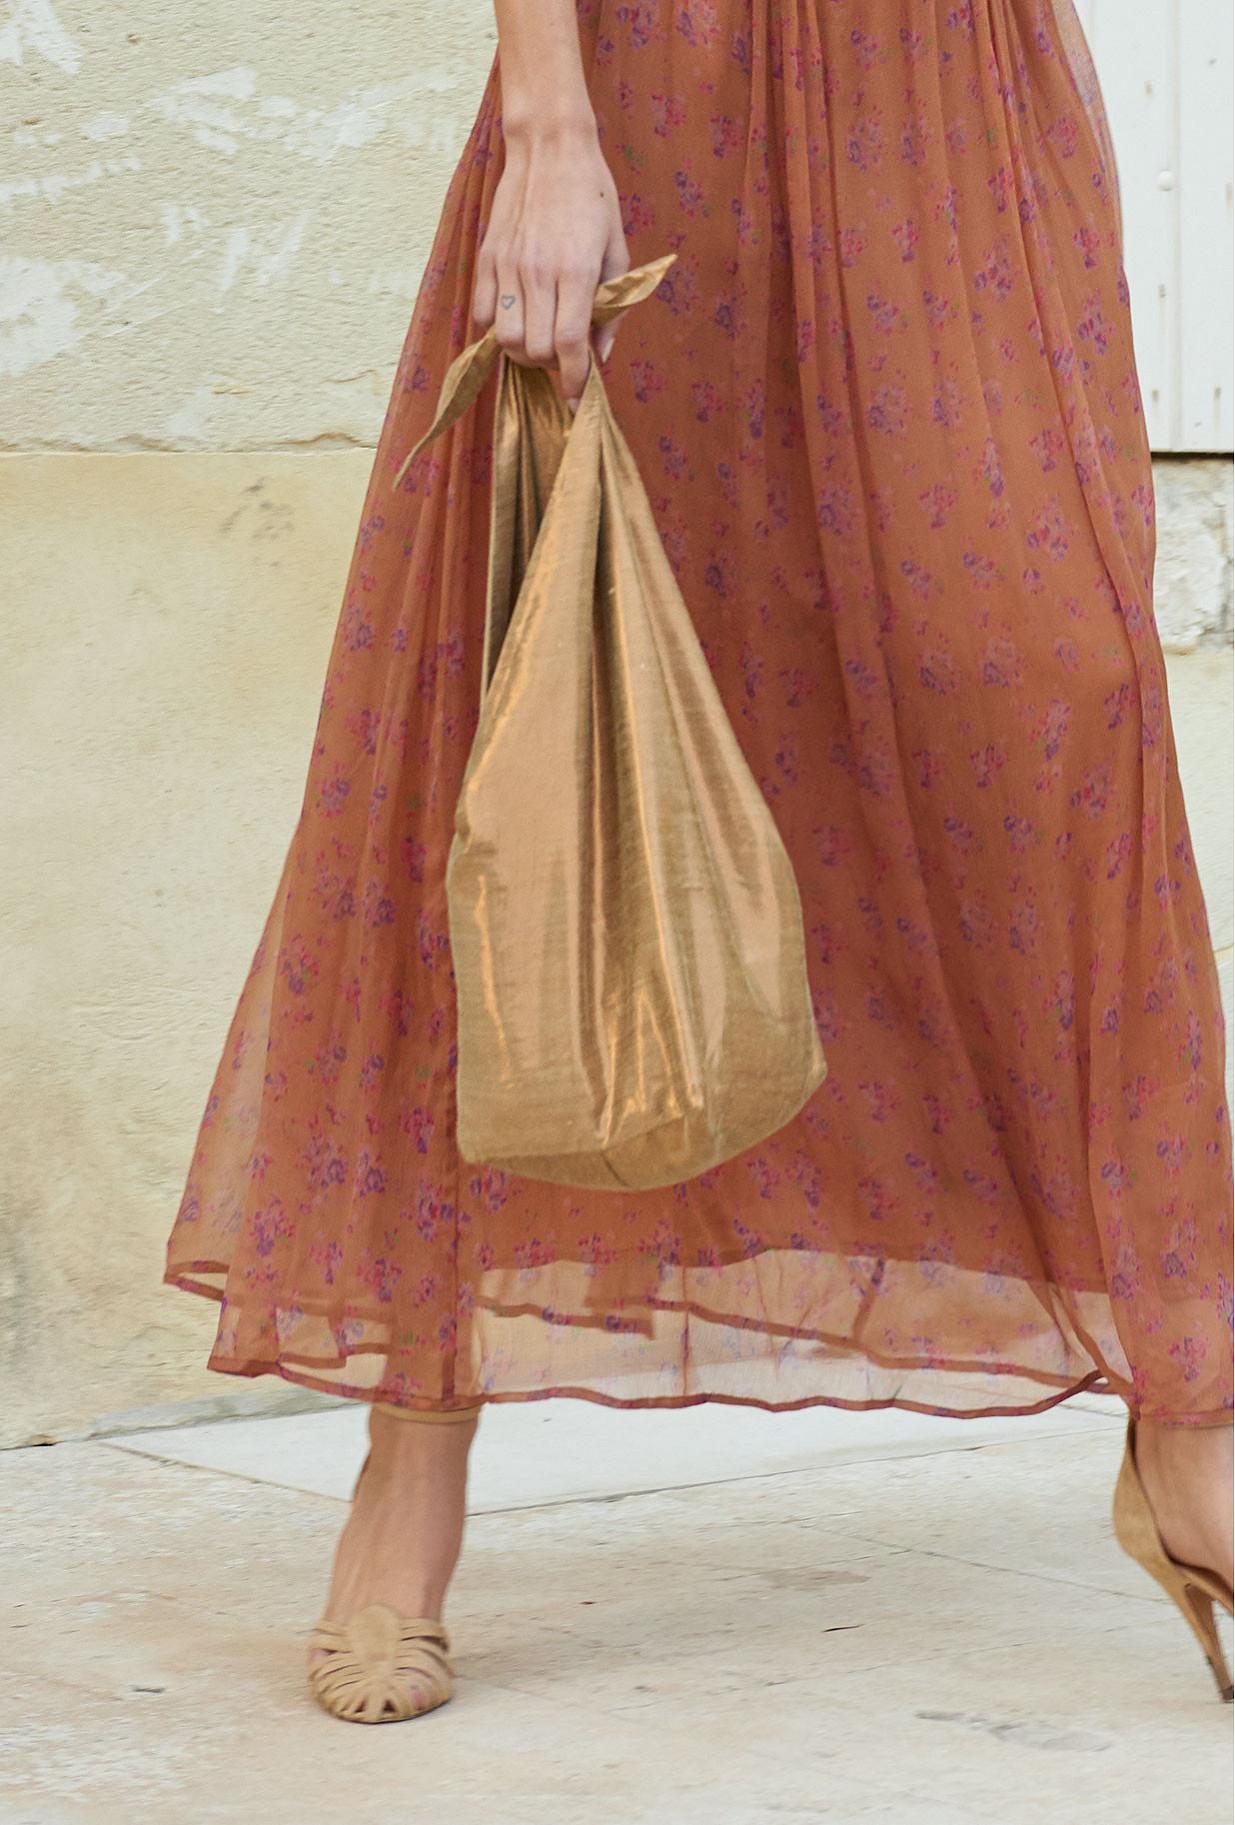 Bronze  Bag  Lingot Mes demoiselles fashion clothes designer Paris